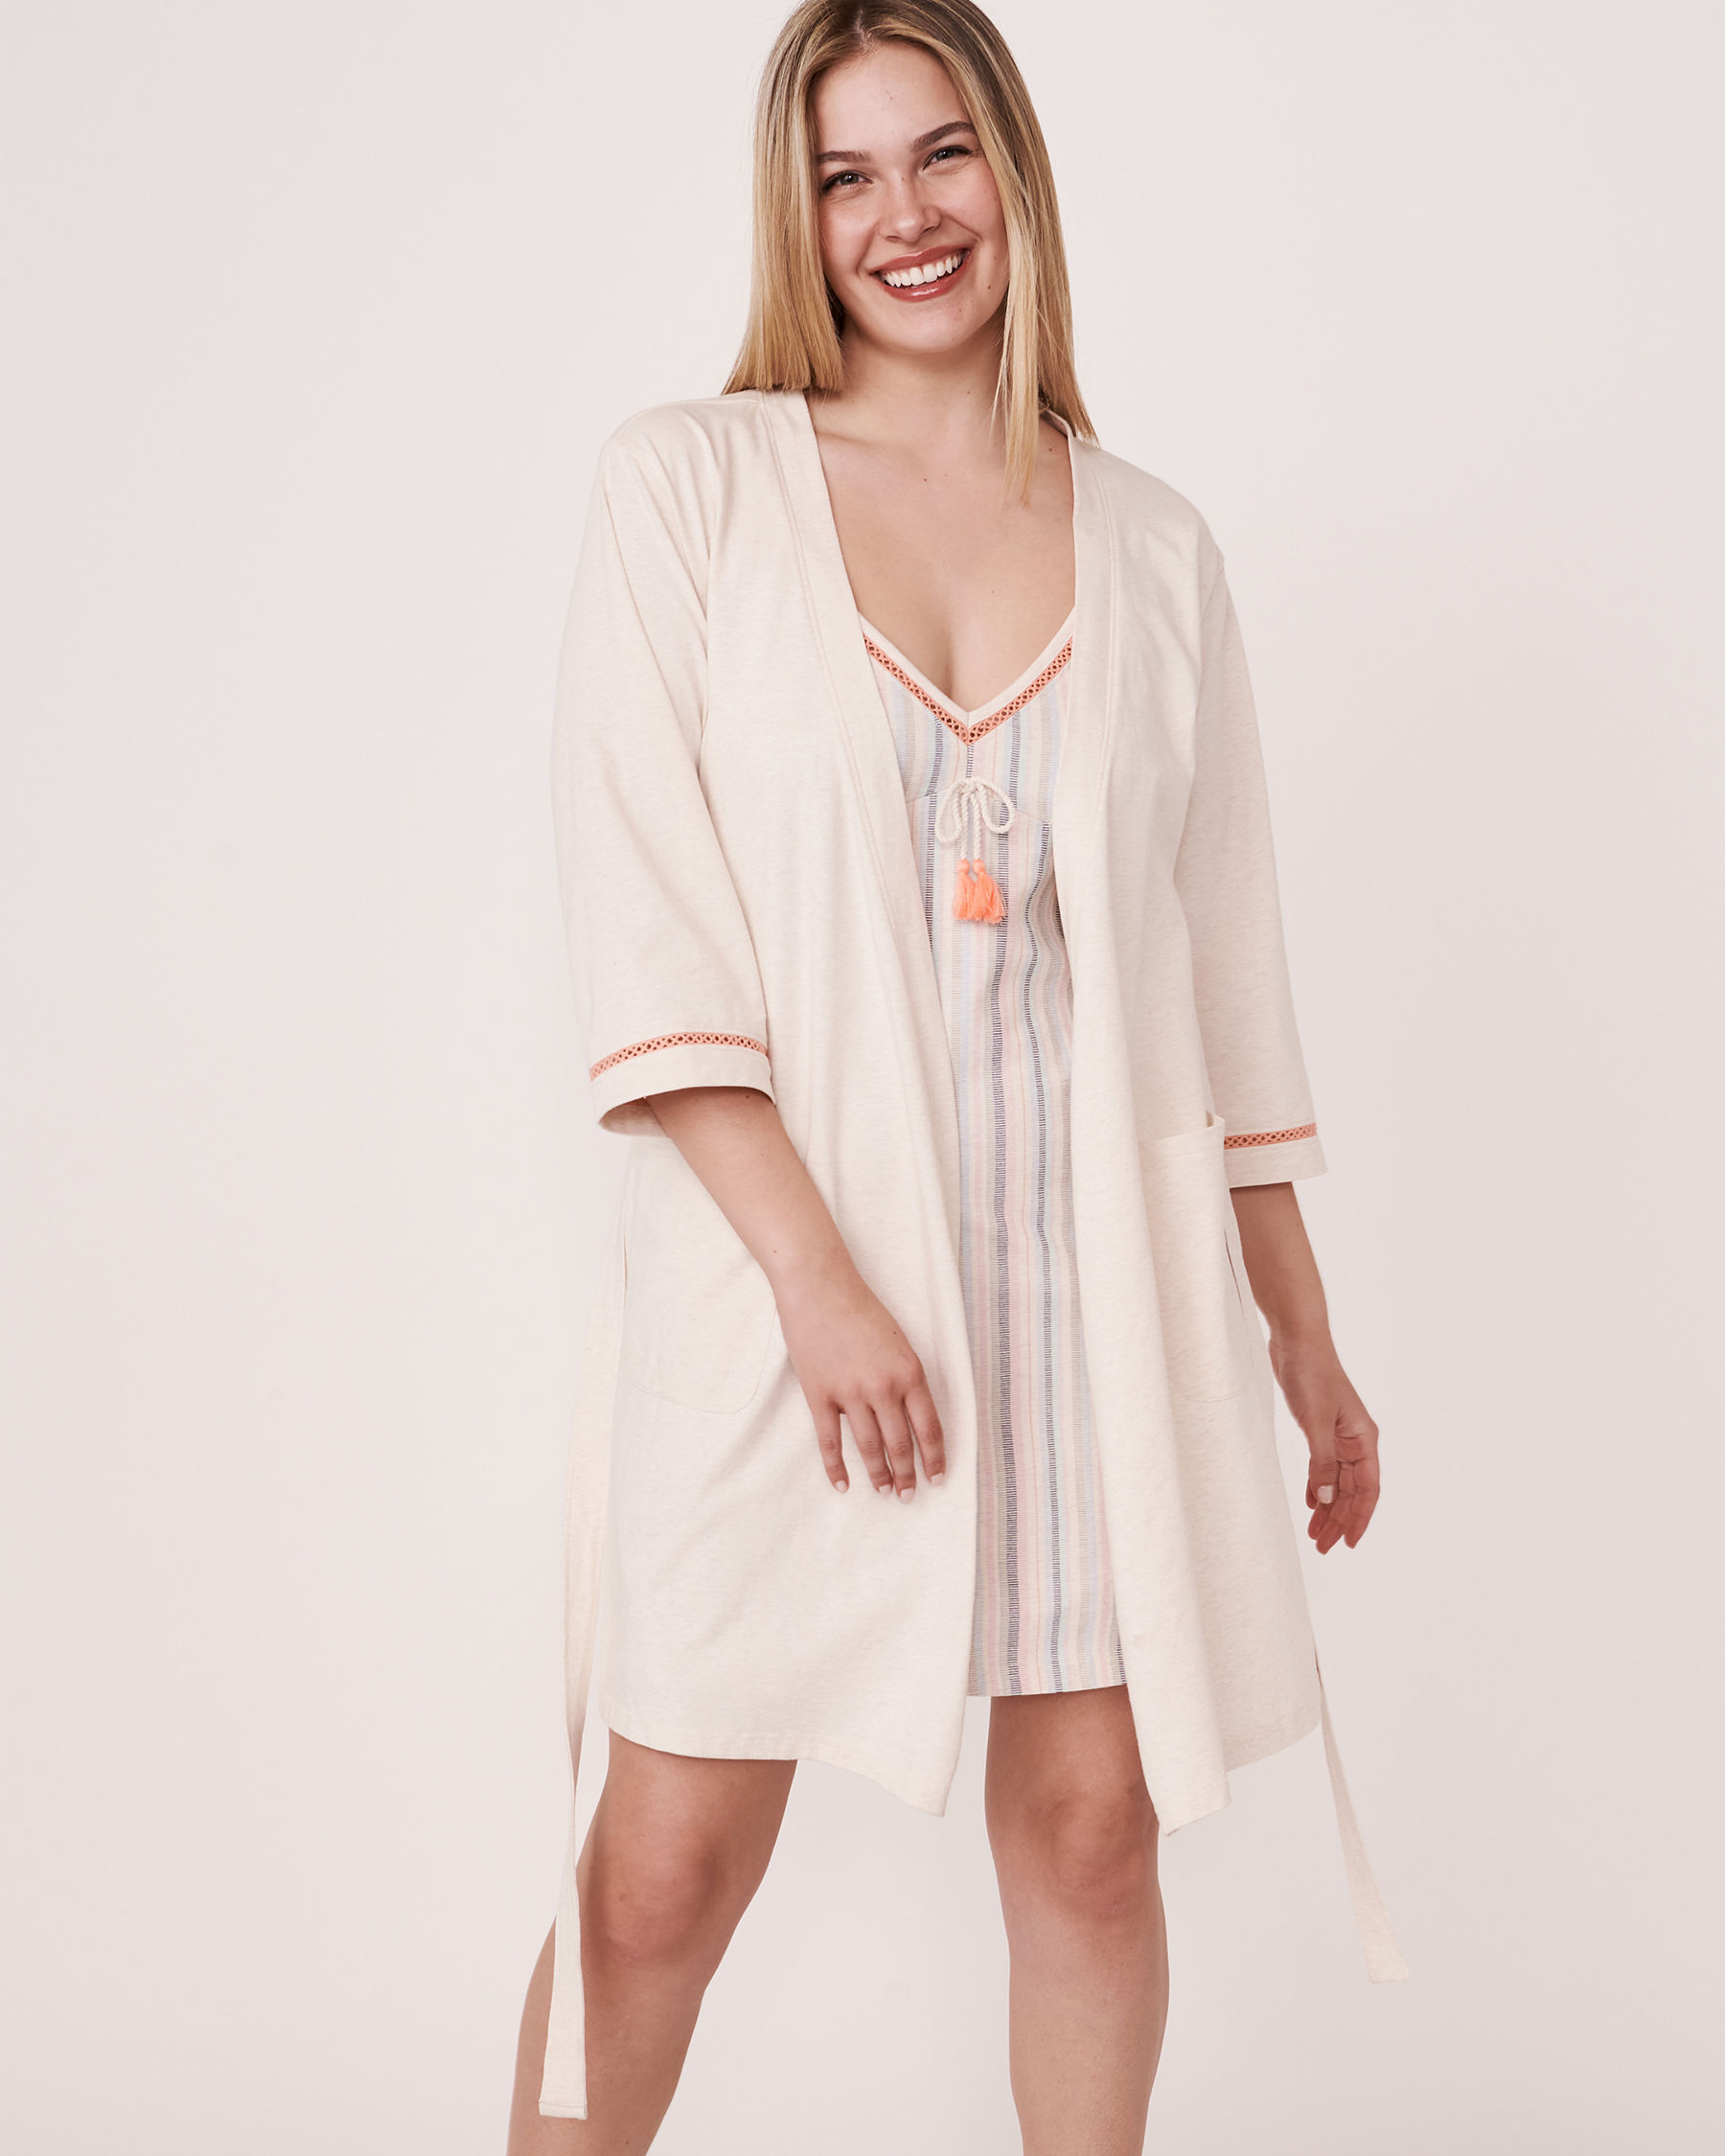 LA VIE EN ROSE Organic Cotton Kimono Grey mix 40600009 - View3